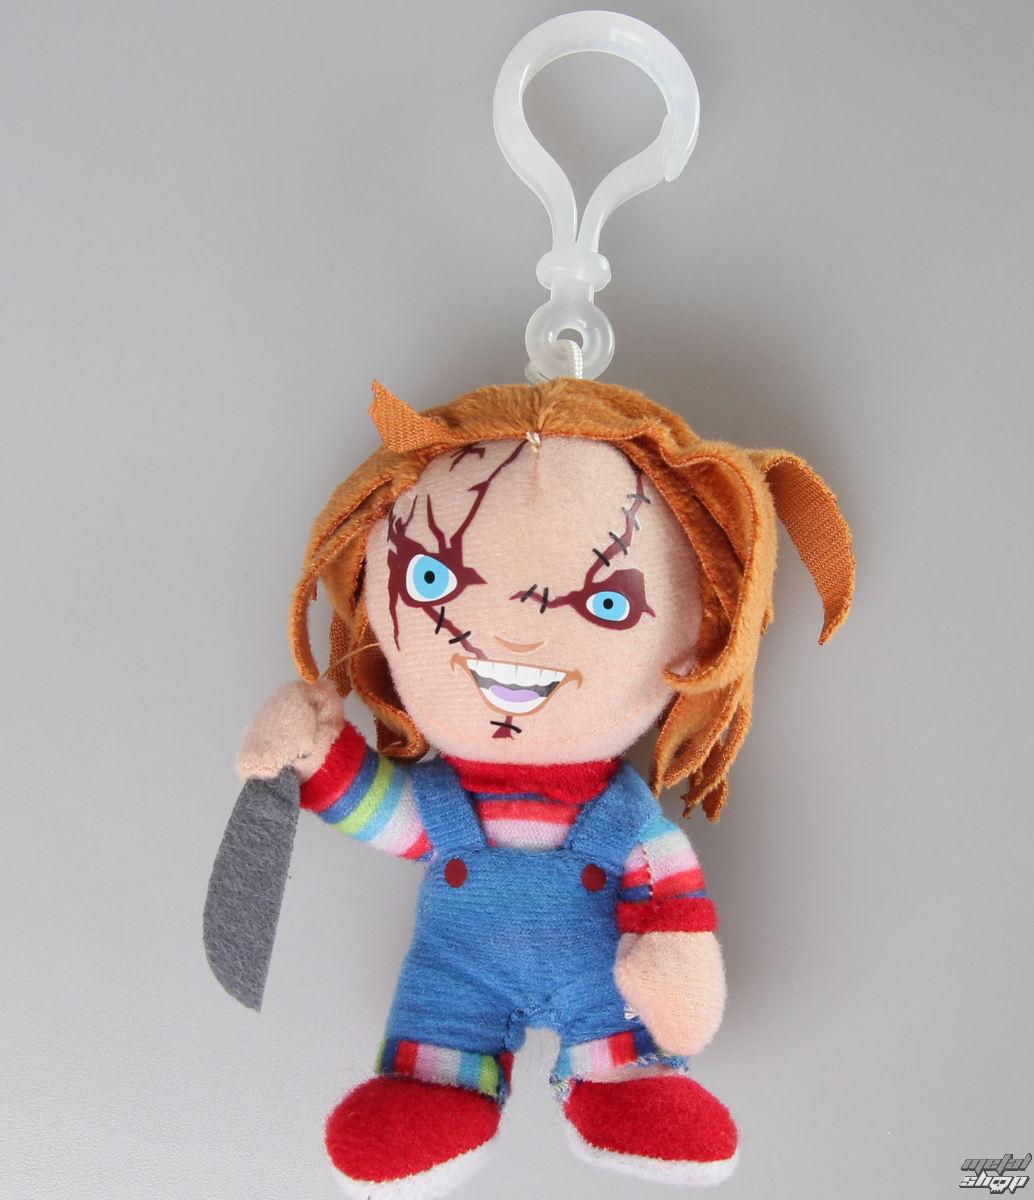 prívesok (plyšová hračka) Chucky - MEZ49020